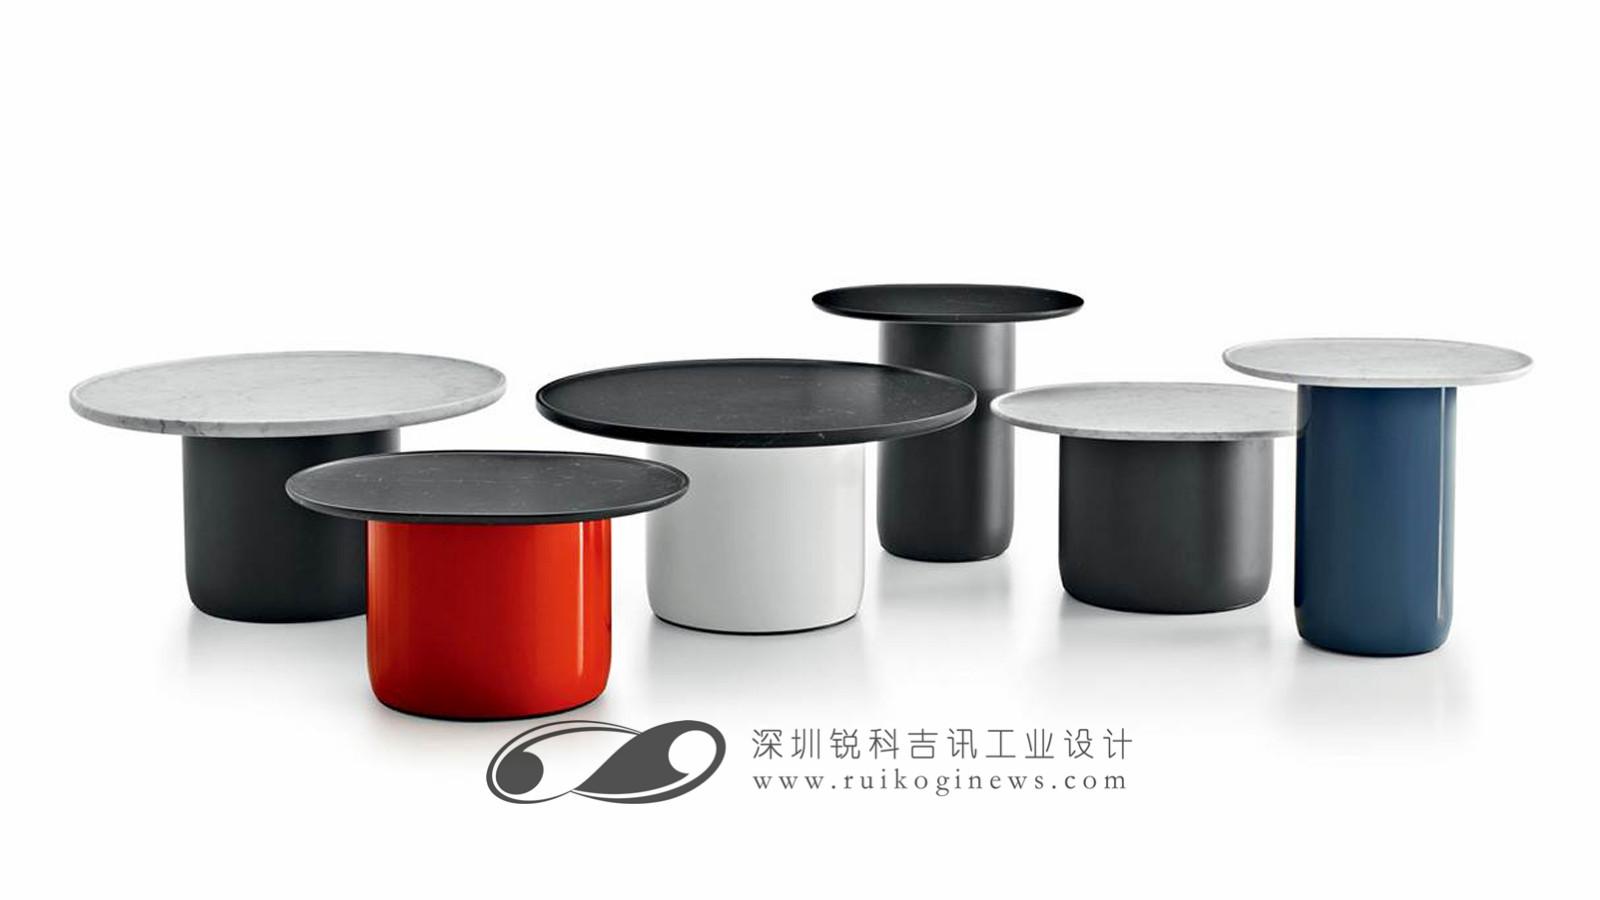 深圳锐科吉讯工业产品设计集团官网按钮表设计